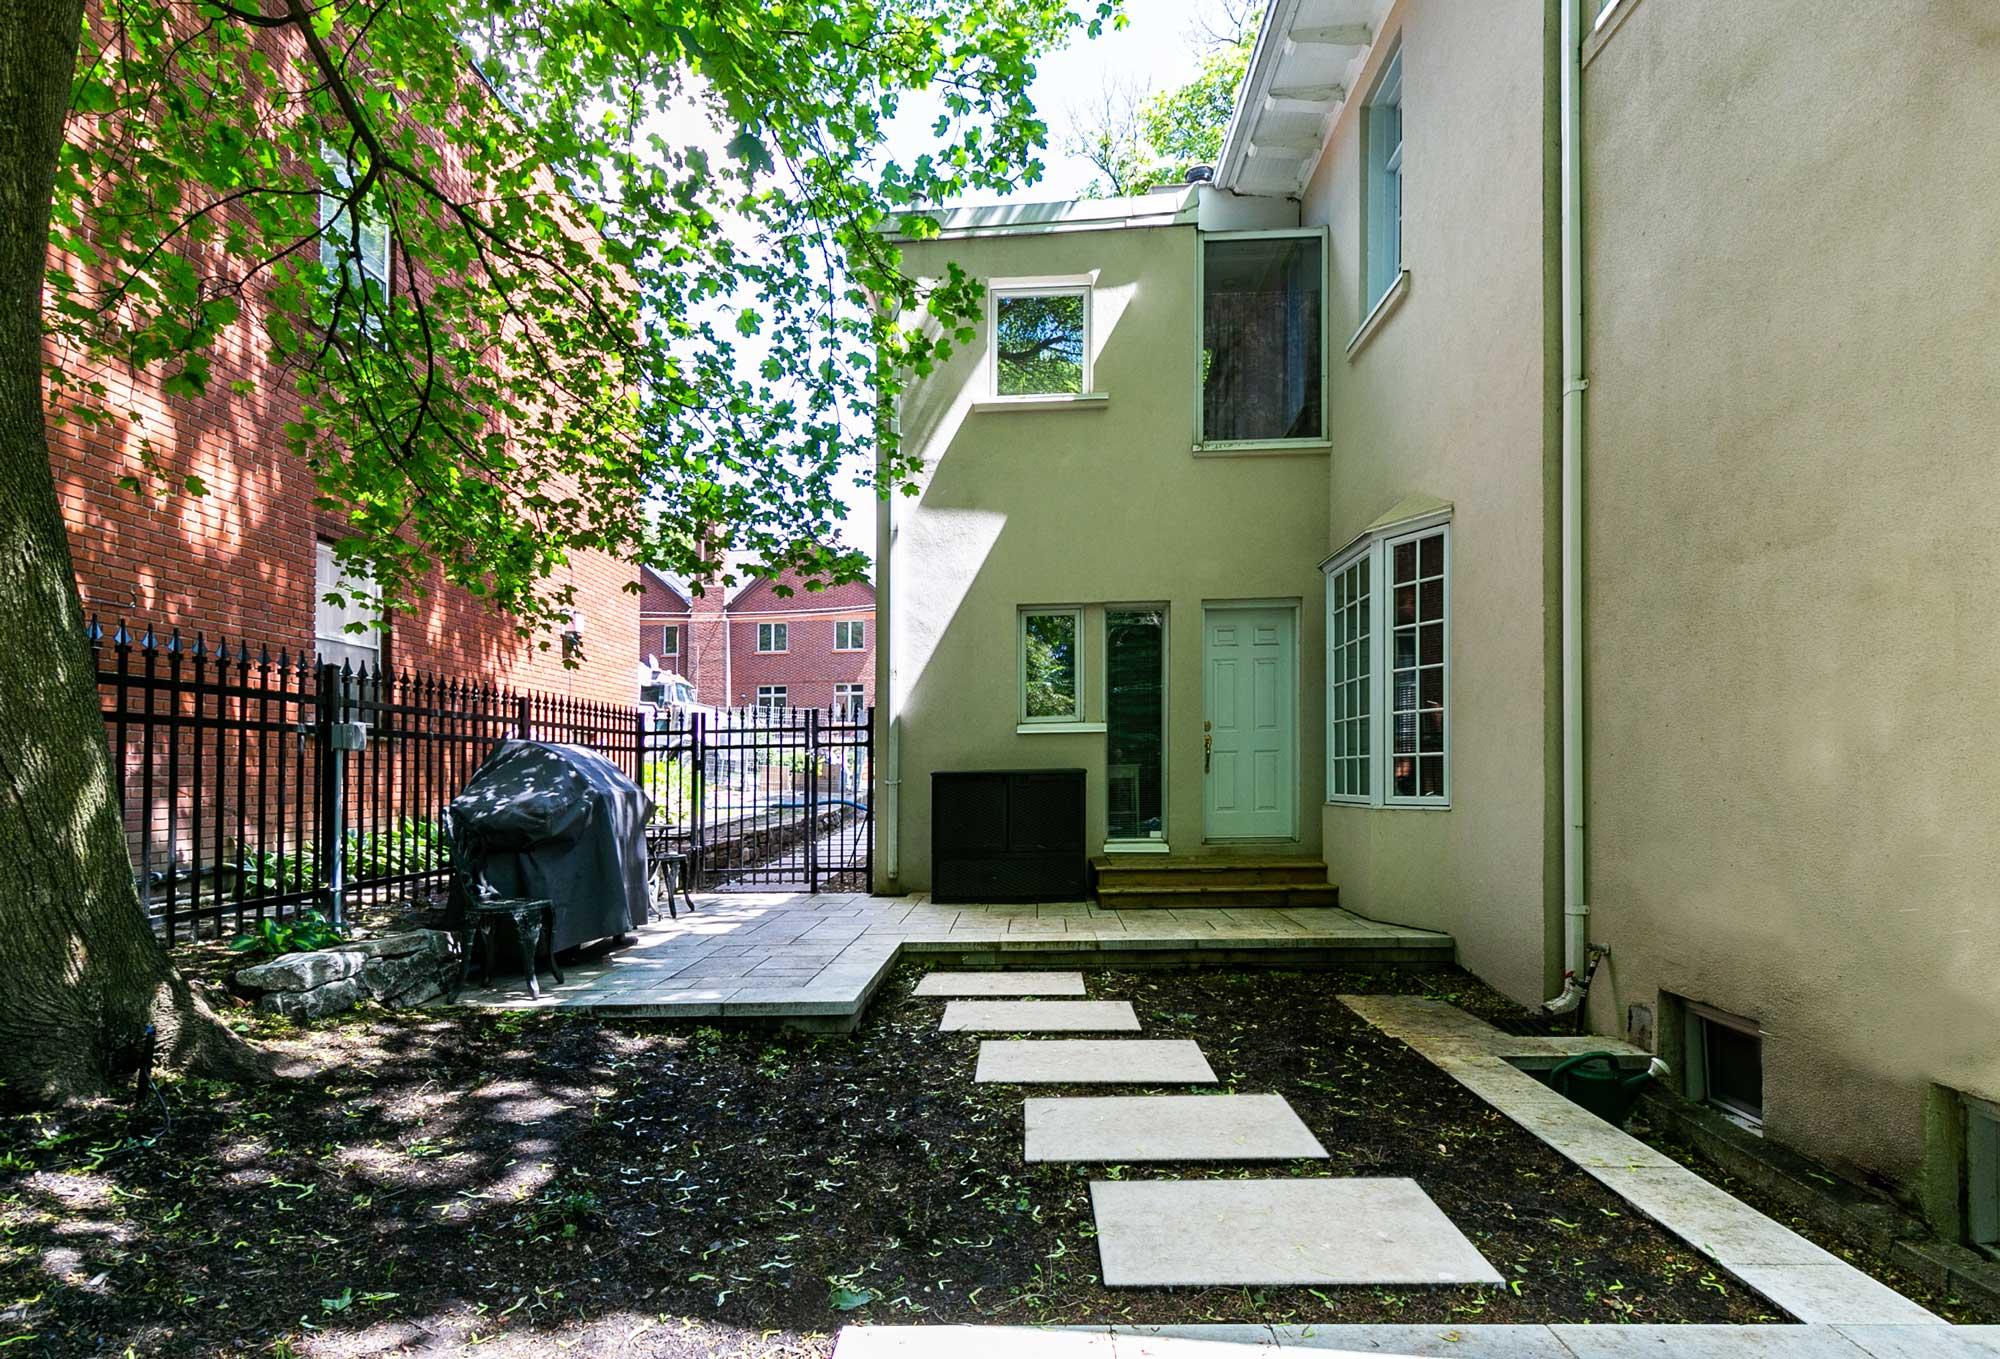 dalles de jardin en béton sur le côté d'une maison